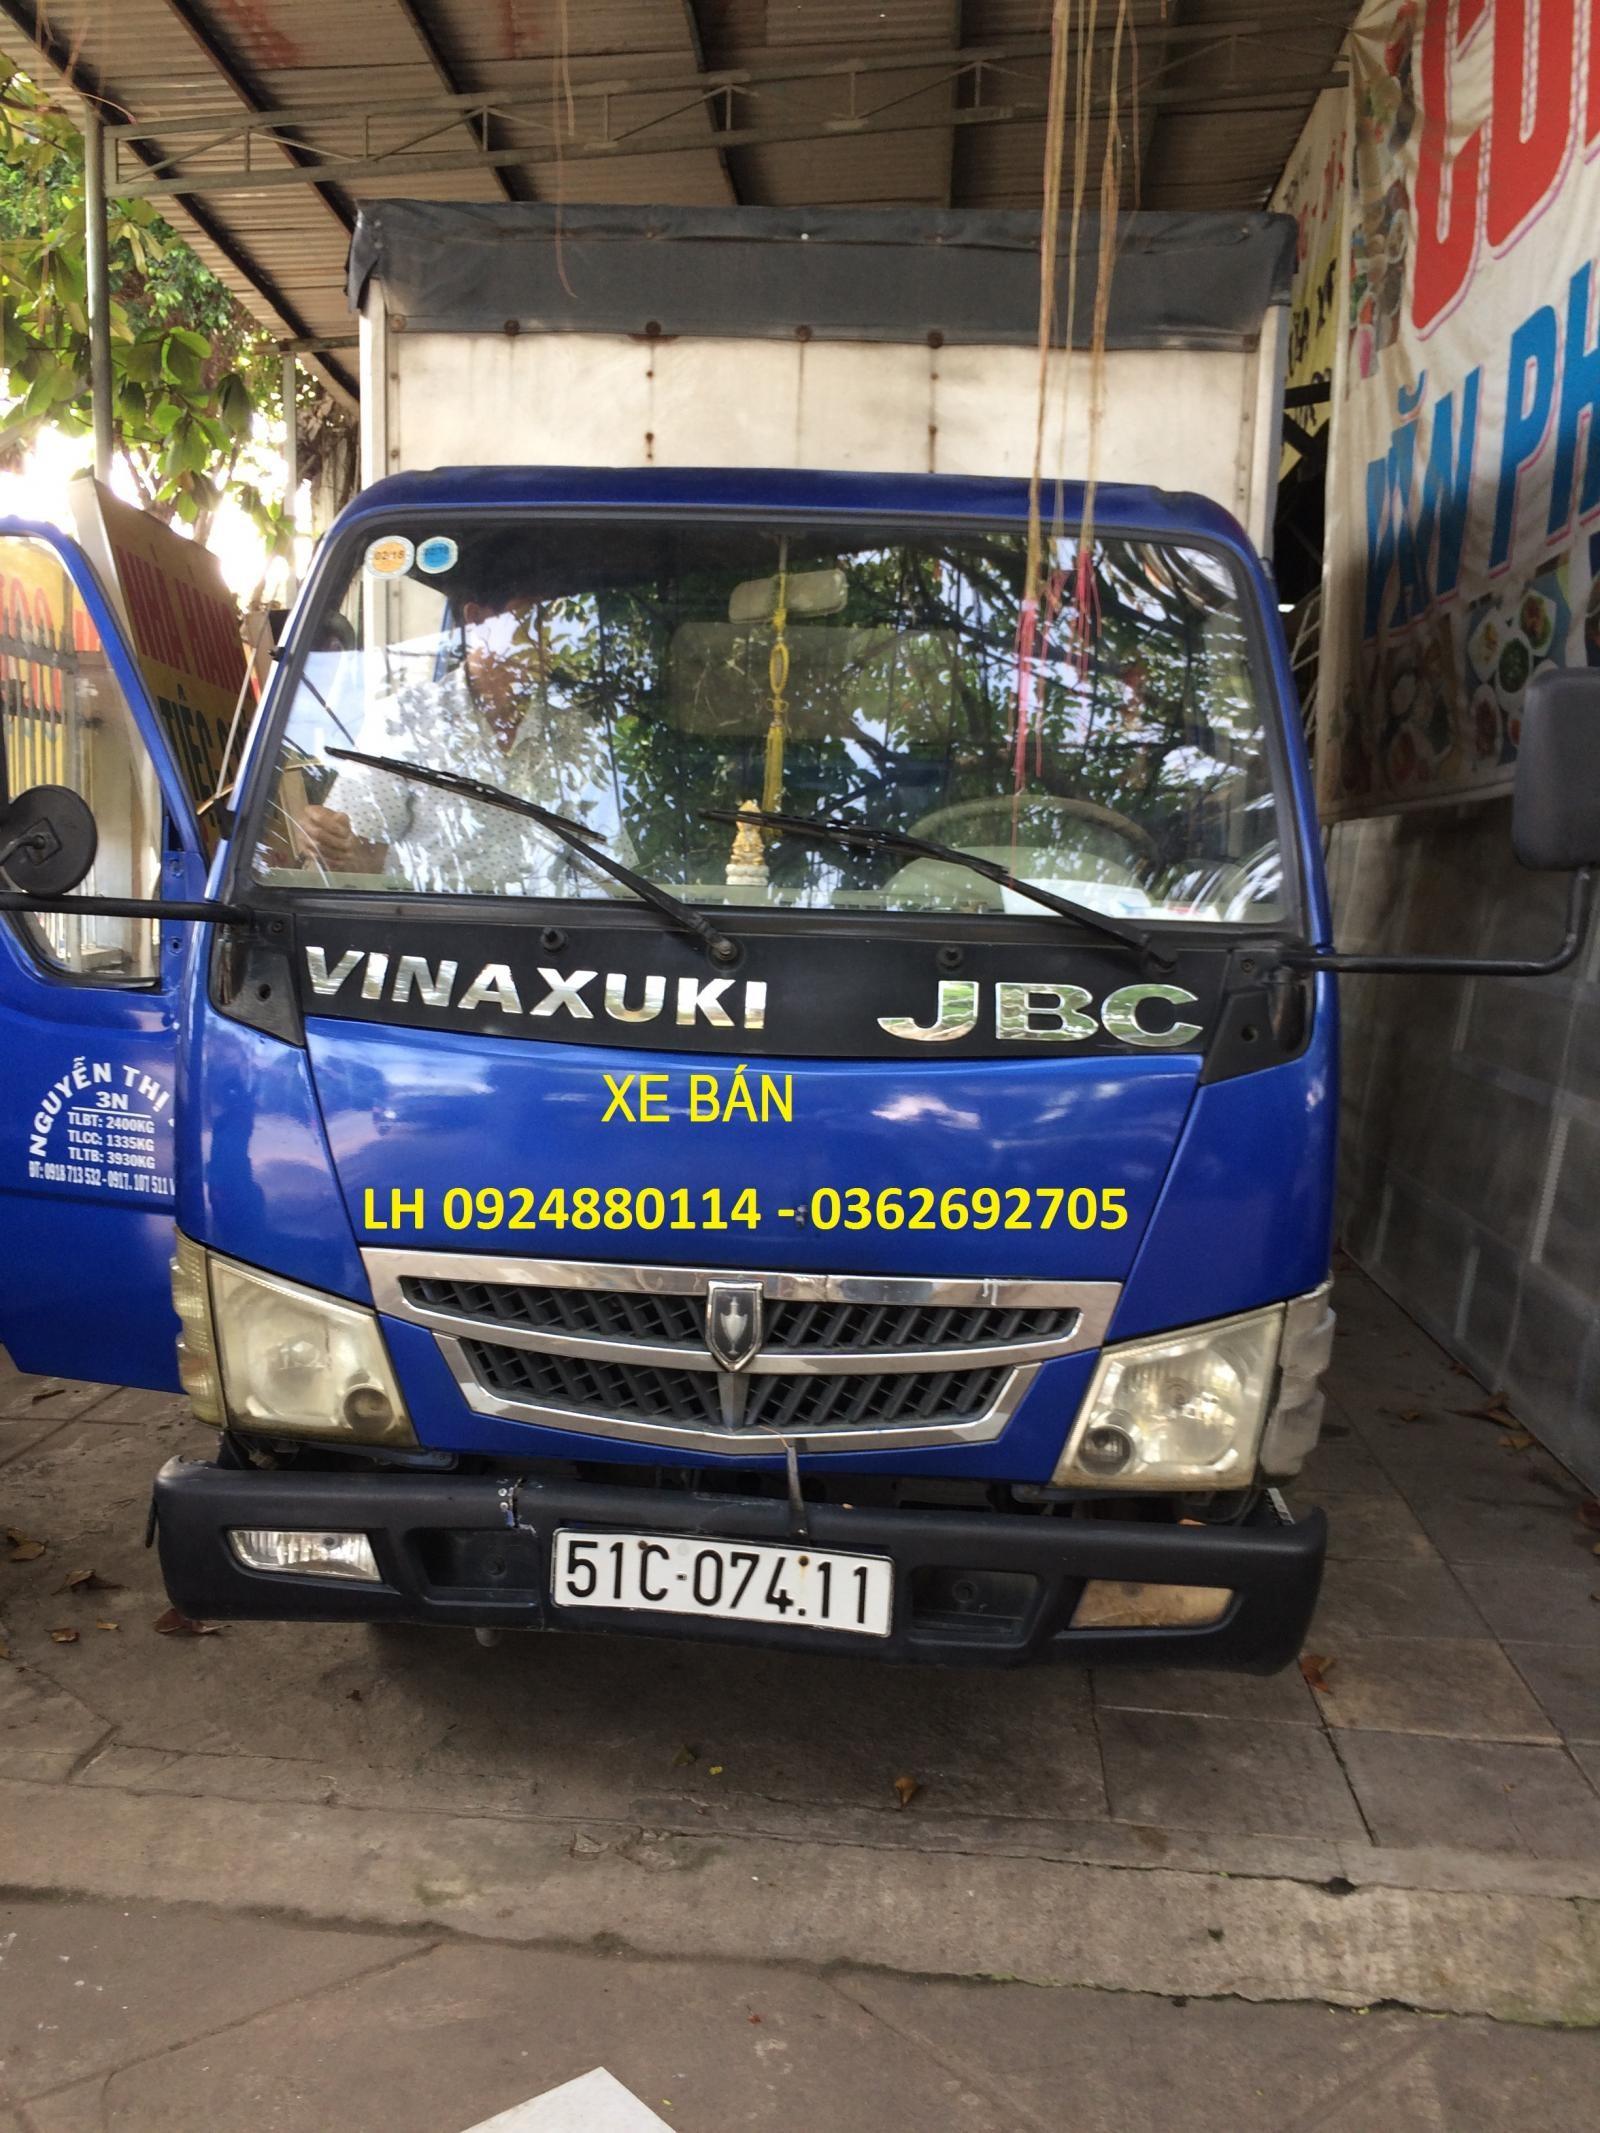 Bán xe ô tô tải Vinaxuki thùng kín dài 4,3 mét, 1T25 chạy TP ok, xe cũ đã qua sử dụng, chủ xe chăm xe kỹ máy móc tốt